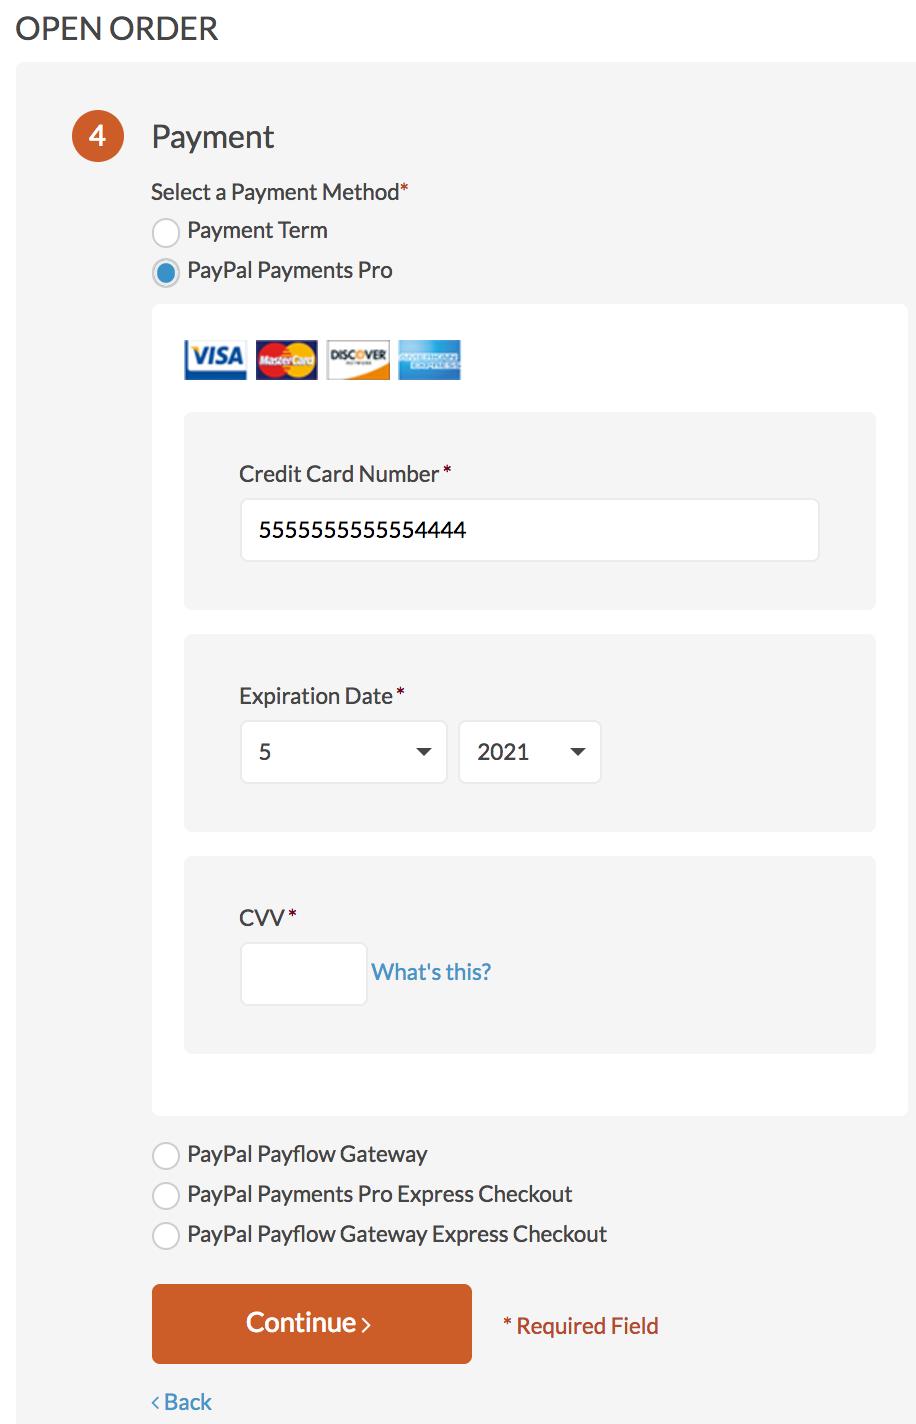 ../../../_images/checkout_payments_pro_cvv.png